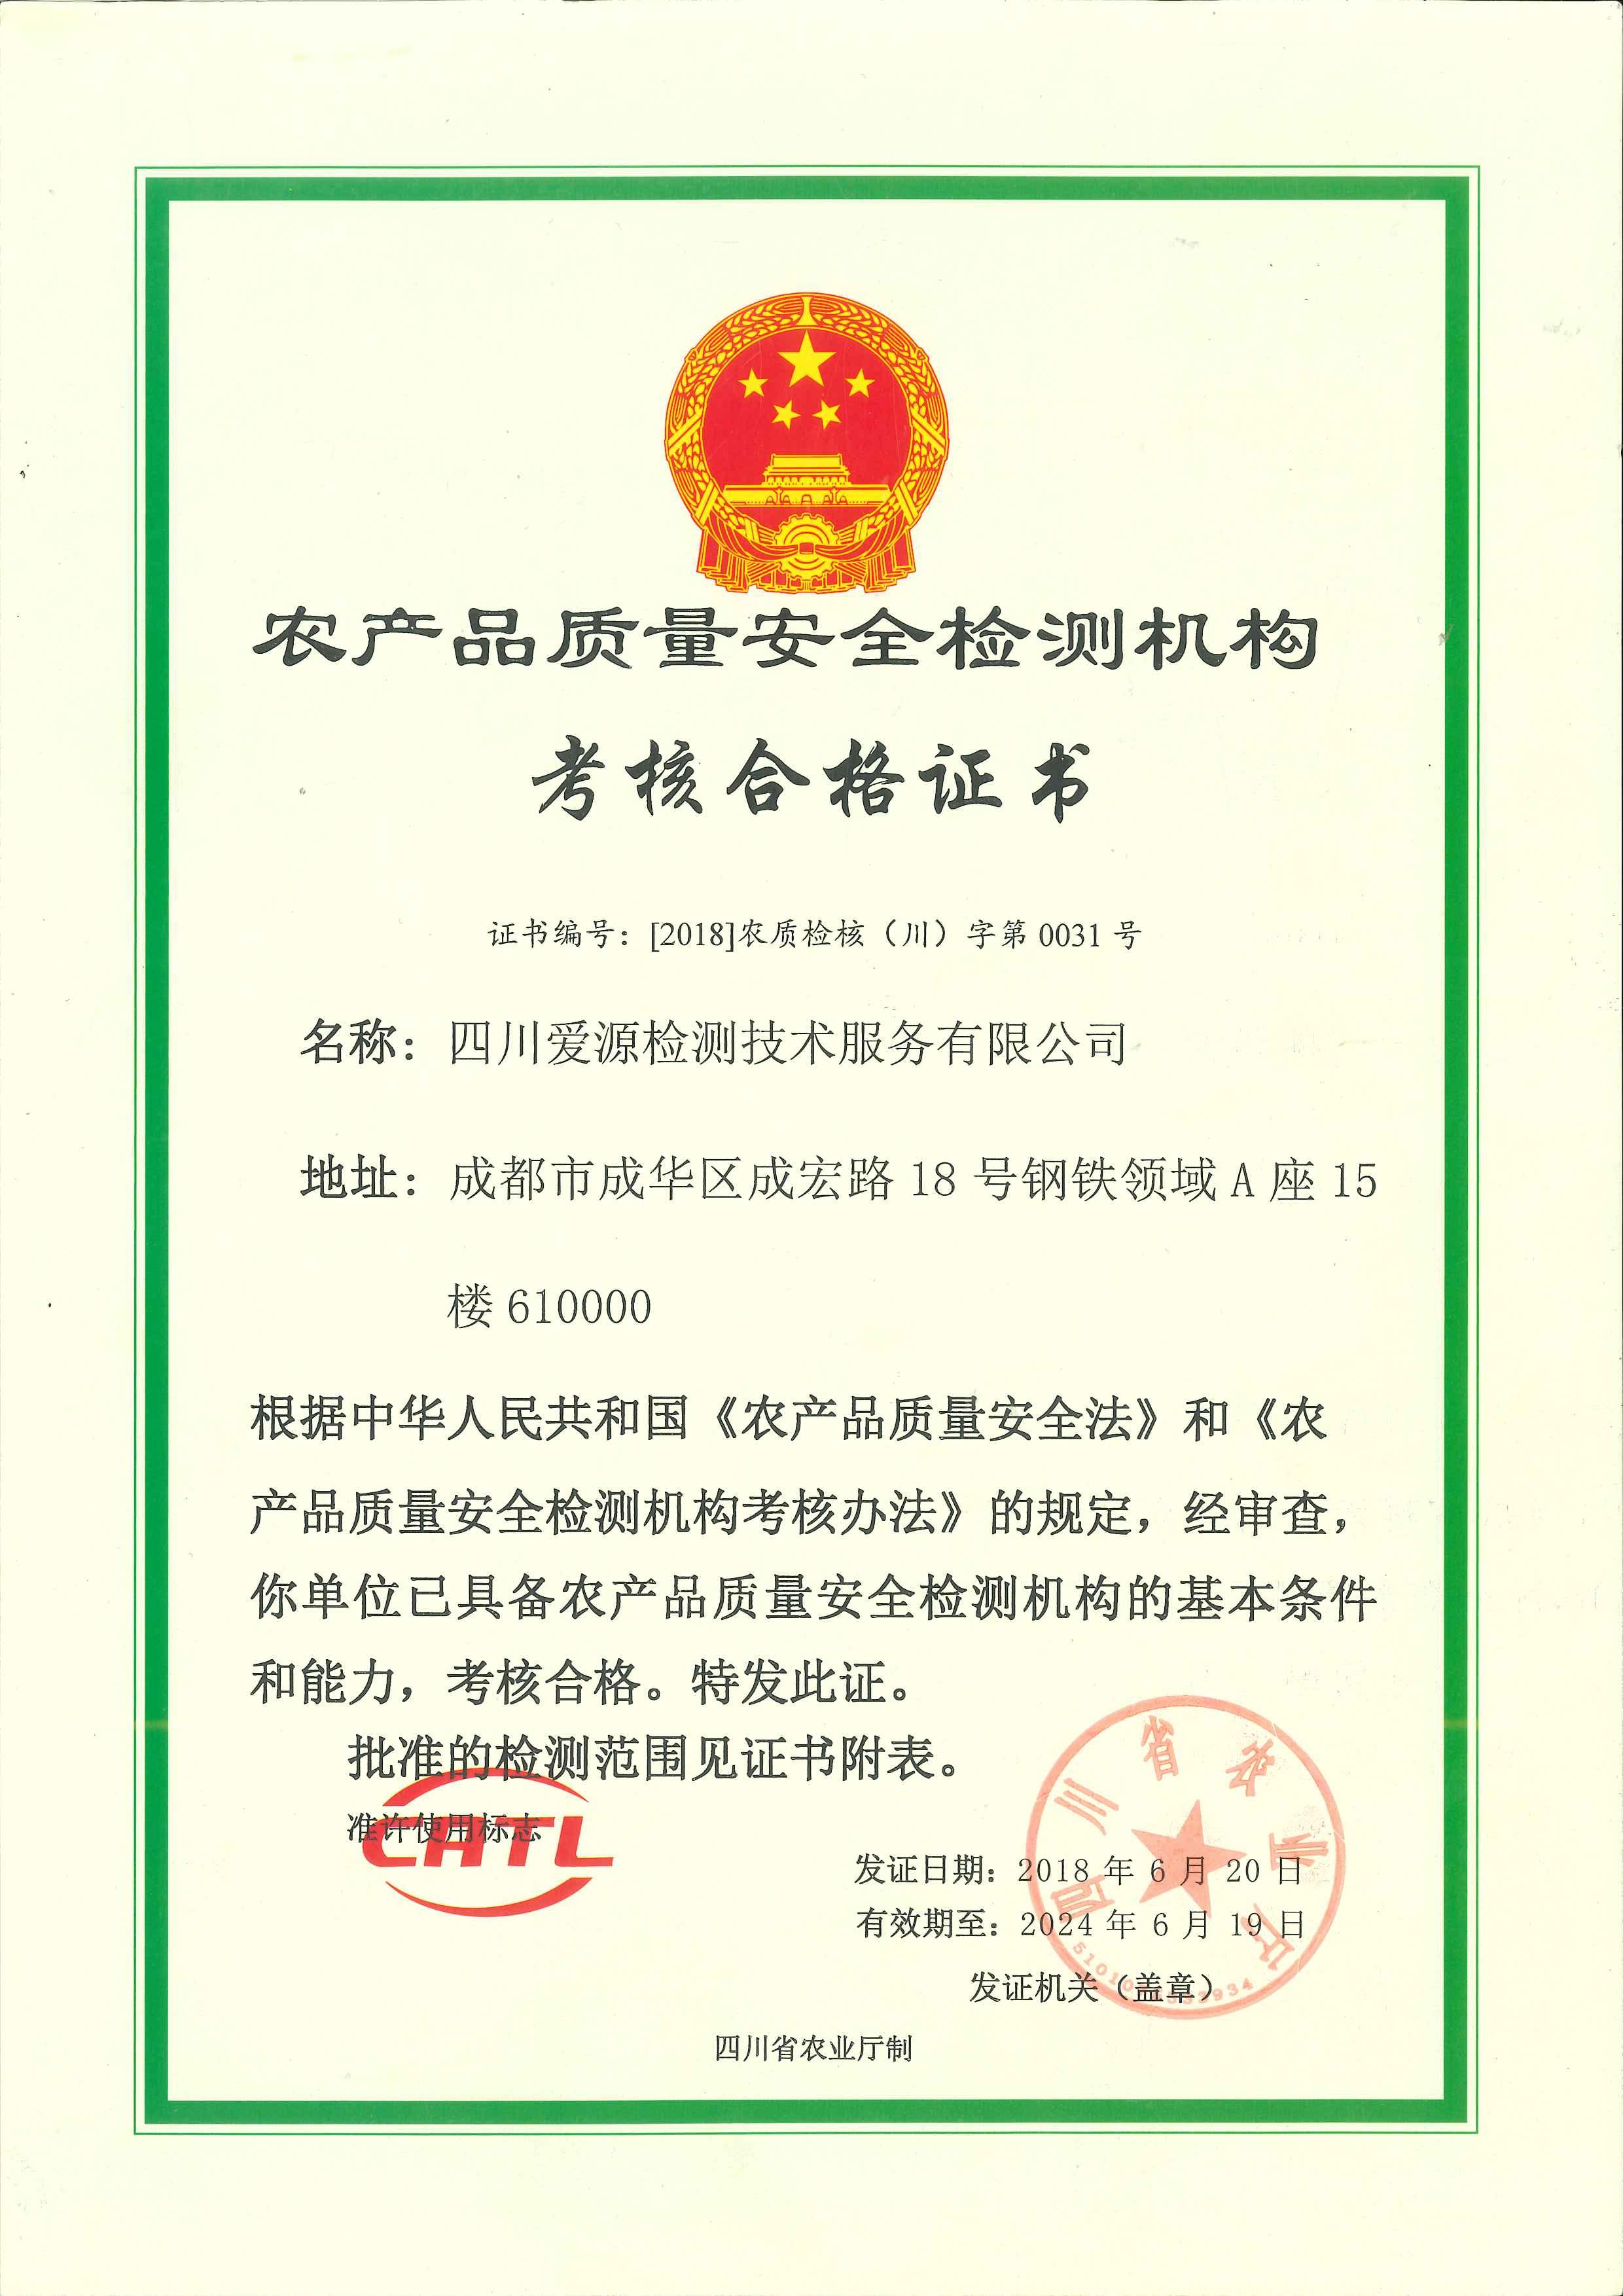 农产品质量安全检测合格证